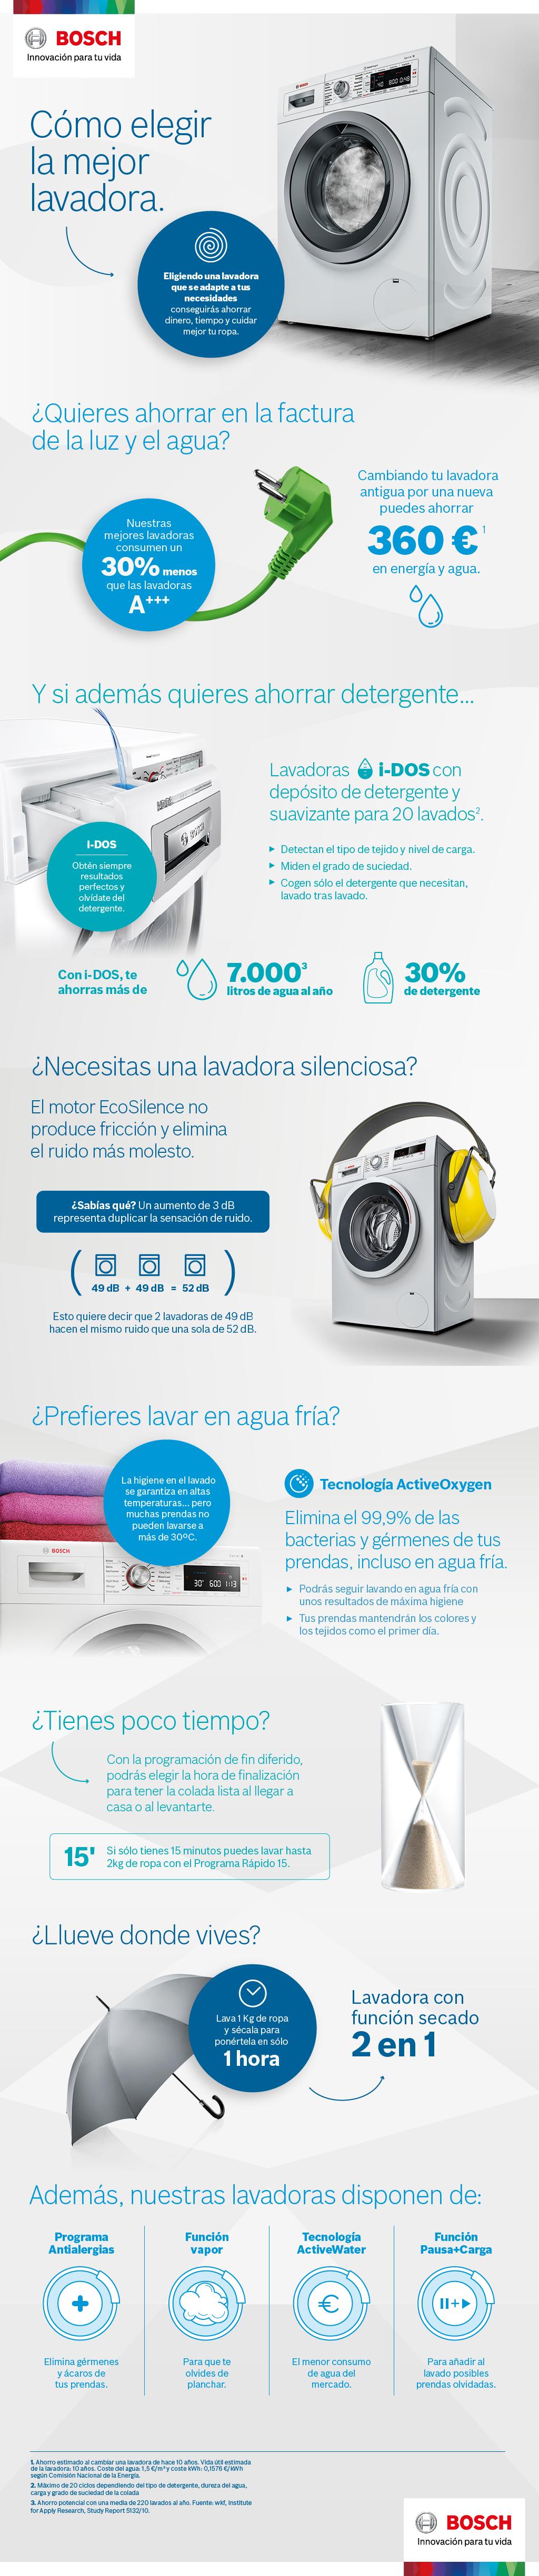 Guía para elegir la mejor lavadora